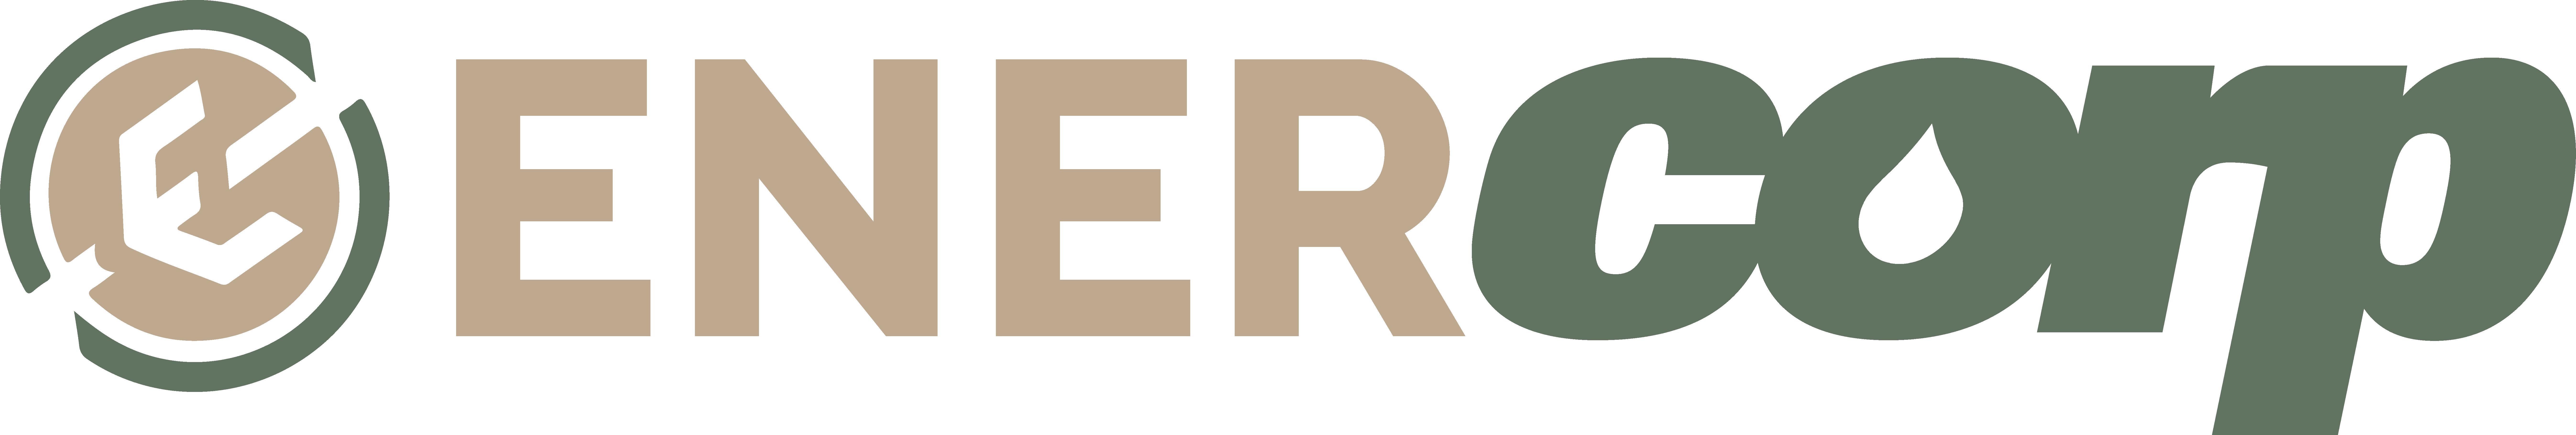 Enercorp-Branding-main(horizontal)-01-1